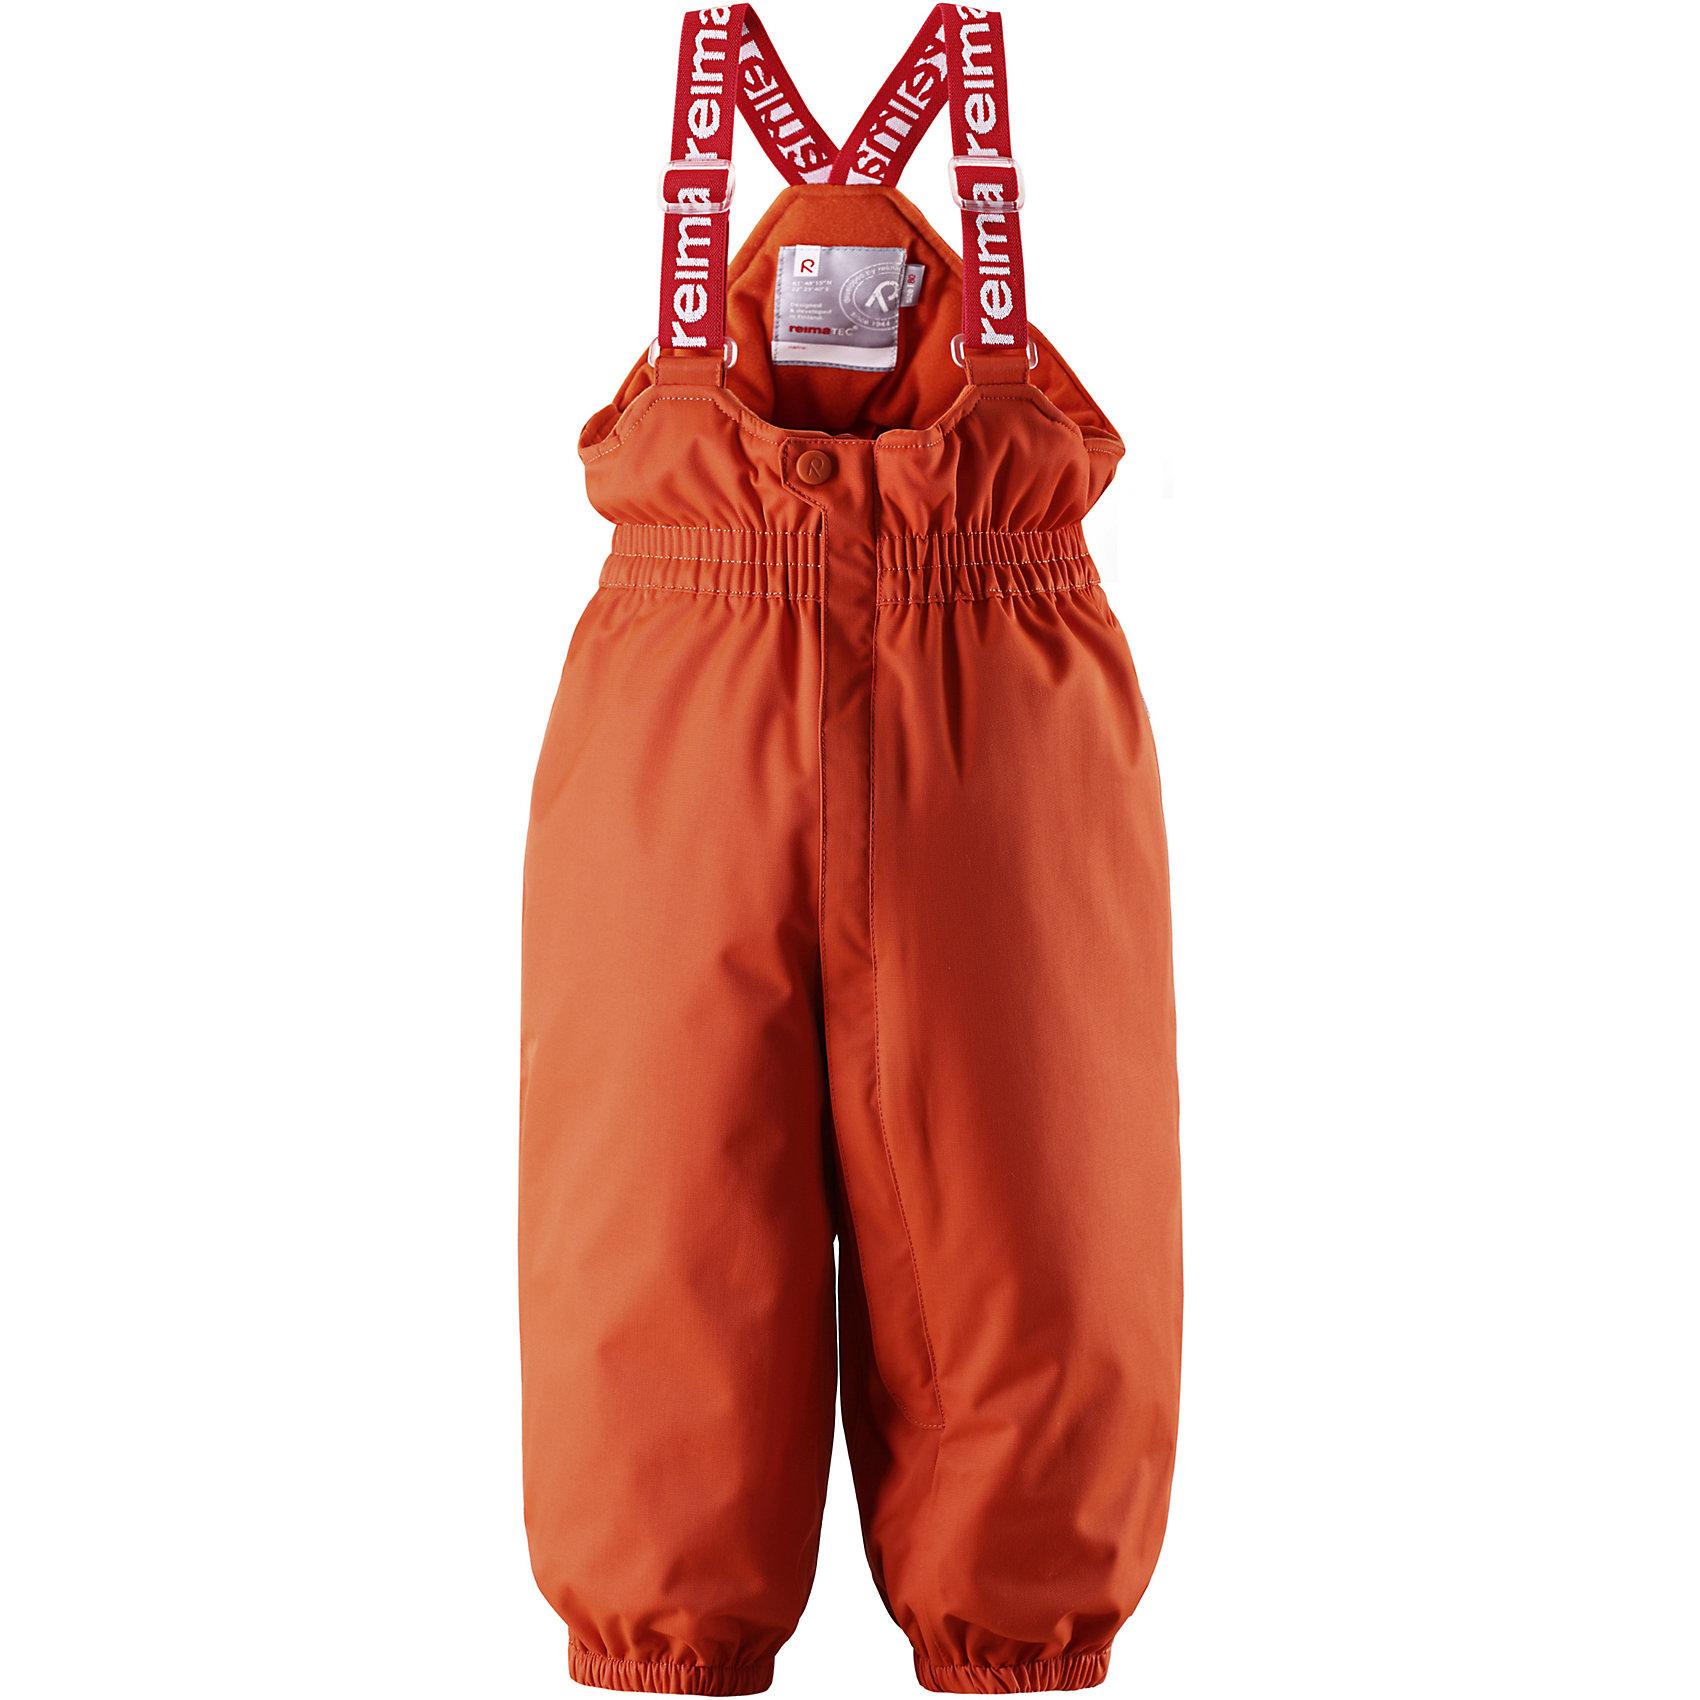 Брюки Reimatec® ReimaОдежда<br>Этой зимой супер-популярные мембранные брюки с подтяжками для малышей из коллекции Reima (Рейма) ORIGINALS сияют яркими красками! В этих классических брюках малыши смогут играть на улице весь день, благодаря совершенно водо- и ветронепроницаемому материалу. Прочная ткань пропускает воздух, поэтому ребёнок не вспотеет. Благодаря тому, что все швы проклеены для водонепроницаемости, брюки отлично подходят для активных детей. Пояс с резинкой и регулируемые подтяжки гарантируют посадку по фигуре и комфорт. Благодаря утеплённой задней части брюк малыши не замерзнут катаясь на санках, а силиконовые штрипки удержат концы брючин при любом темпе игры. Собранные внизу брючины лучше держатся на ботинках, поэтому даже если взять их немножко на вырост, брюки не будут соскальзывать с обуви. Эти зимние мембранные брюки от Reimatec® (Рейматек) рекомендованы для всех видов зимнего отдыха!<br><br> Водонепроницаемые зимние брюки для малышей в стиле ORIGINAL<br> Все швы проклеены, водонепроницаемы<br> Регулируемые подтяжки<br> Длинная молния спереди<br> Утеплённая задняя часть брюк<br> Прочные силиконовые штрипки<br>Состав:<br>100% ПА, ПУ-покрытие<br>Средняя степень утепления (до - 20)<br><br>Брюки Reimatec® (Рейматек) Reima (Рейма) можно купить в нашем магазине.<br><br>Ширина мм: 215<br>Глубина мм: 88<br>Высота мм: 191<br>Вес г: 336<br>Цвет: оранжевый<br>Возраст от месяцев: 6<br>Возраст до месяцев: 9<br>Пол: Женский<br>Возраст: Детский<br>Размер: 74,80,98,92,86<br>SKU: 4208173